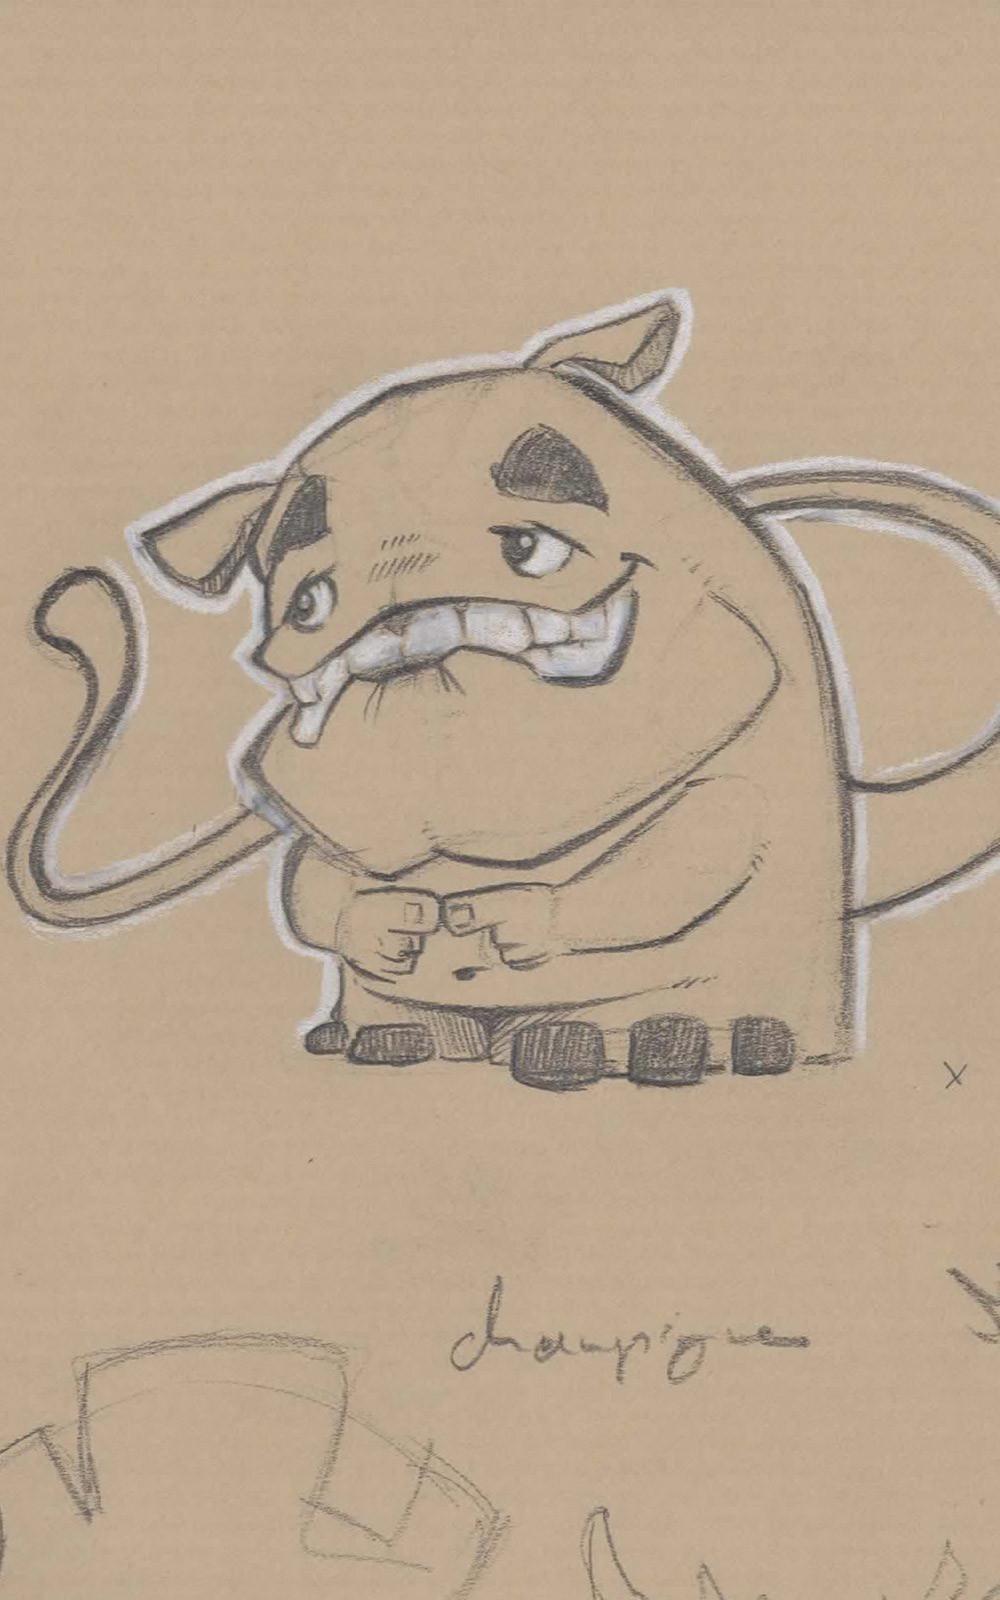 Atha kanaani cartes smile negatif1 sketch